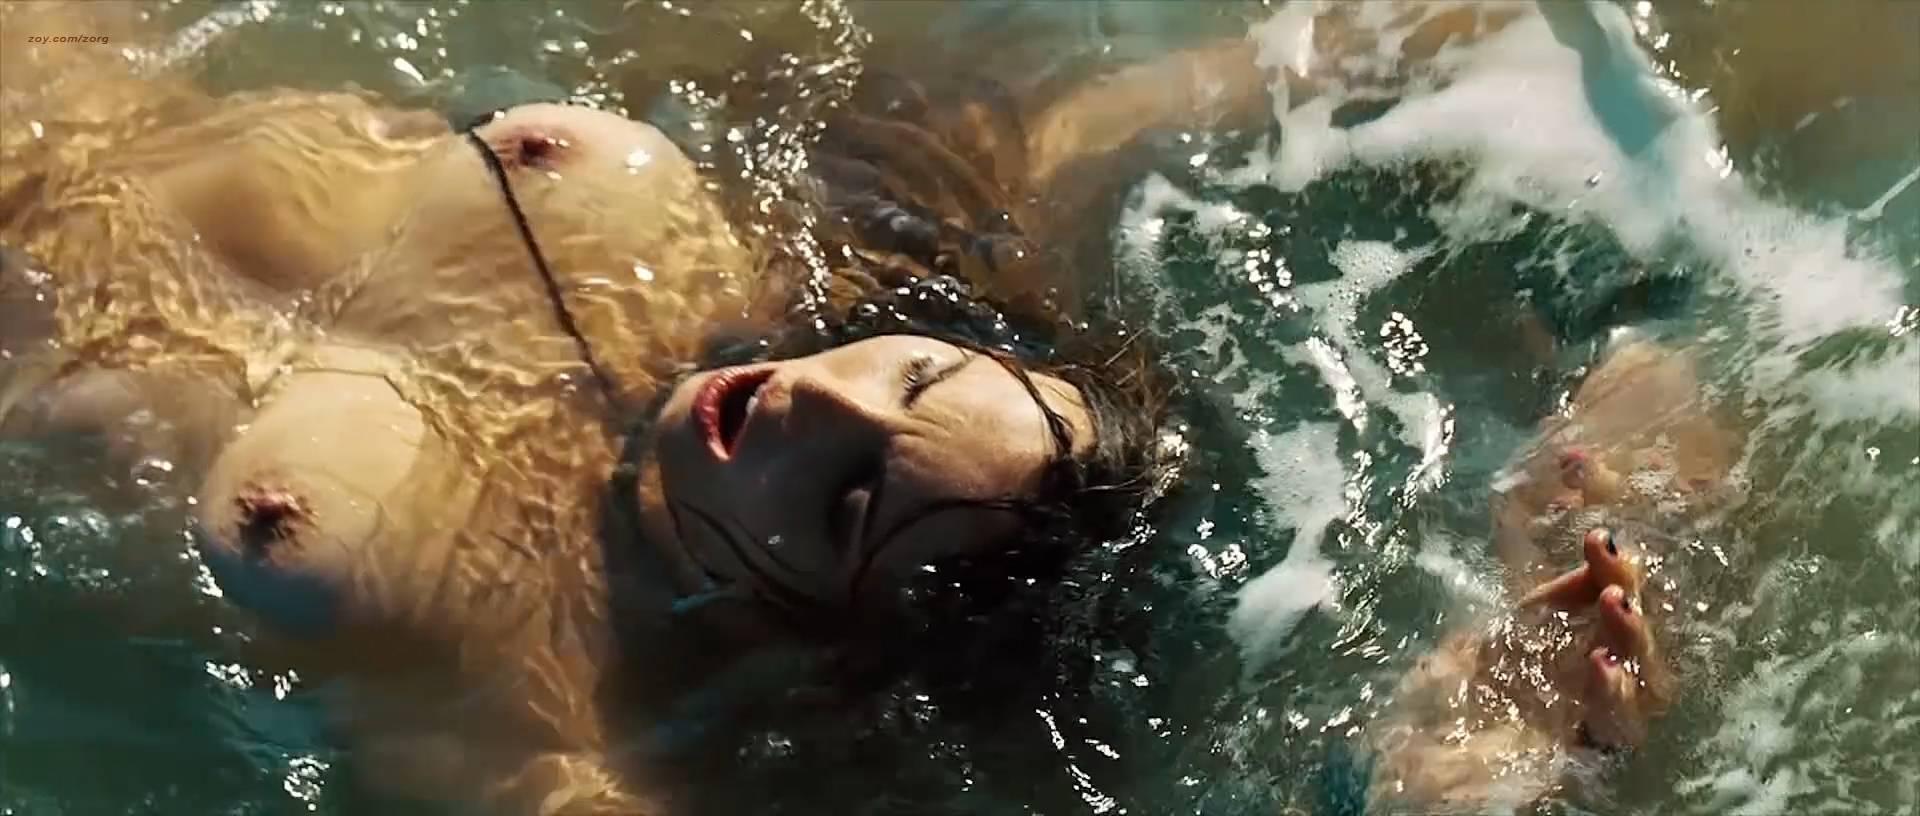 Nathalia Dill nude topless lesbian sex and Lívia De Bueno nude too - Paraísos Artificiais (BR-2012) hd1080p BluRay (2)